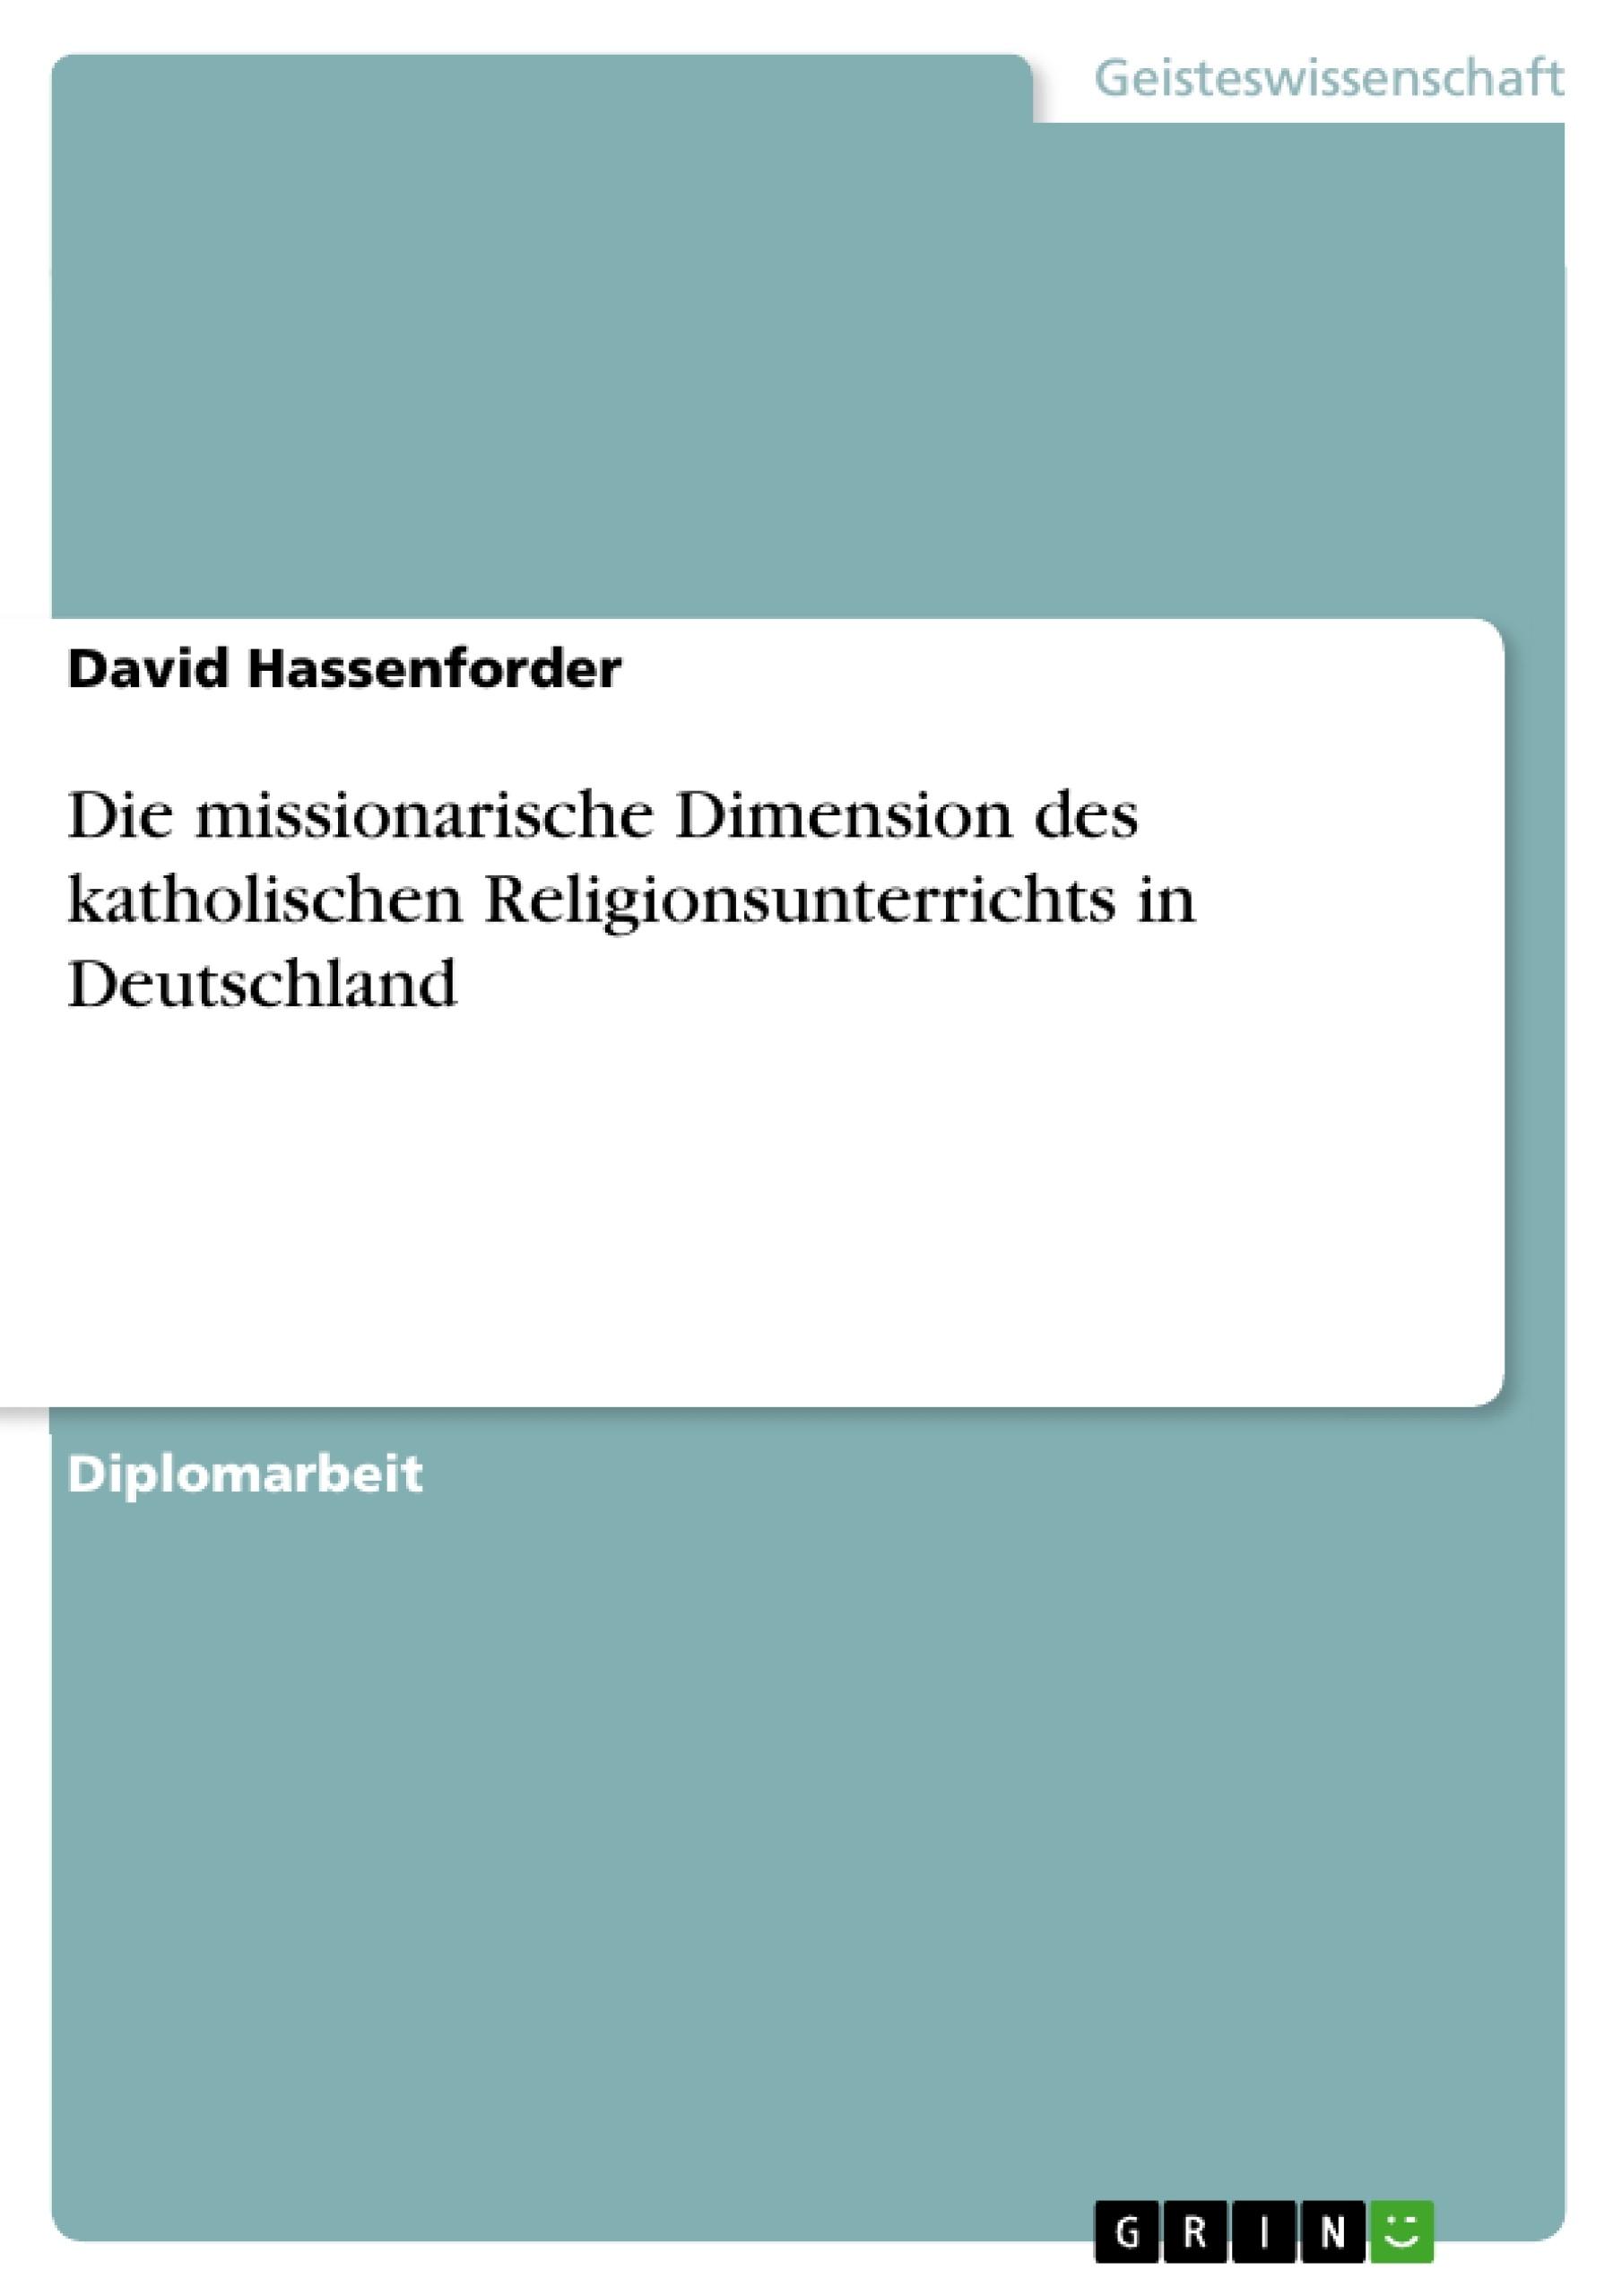 Titel: Die missionarische Dimension des katholischen Religionsunterrichts in Deutschland